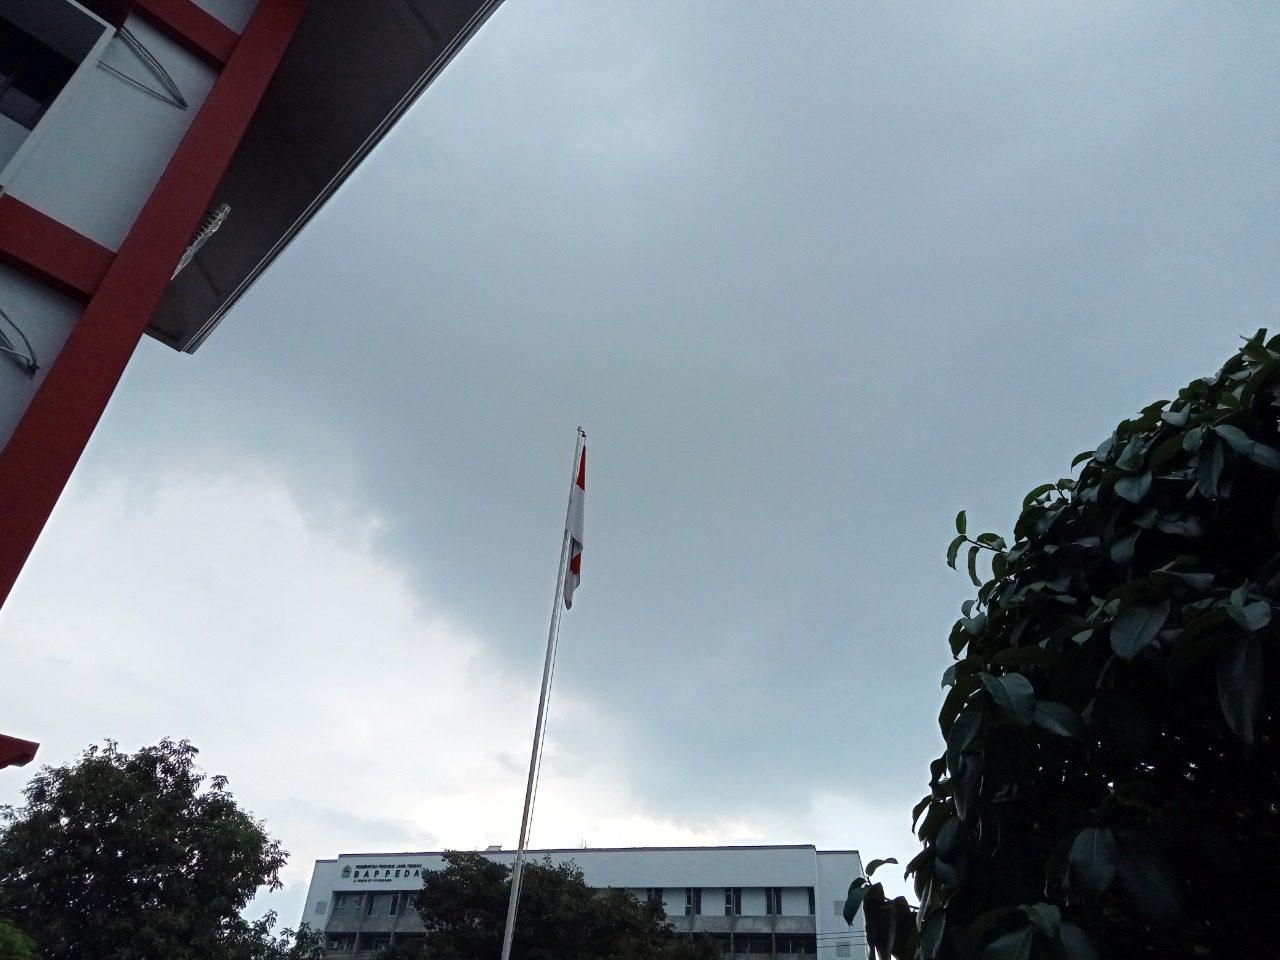 Cuaca mendung pada siang hari di Kota Semarang. BMKG sebut Jateng sedang dilanda kemarau basah. FOTO: Dinda Rahmasari Tunggal Sukma/Lingkar.co